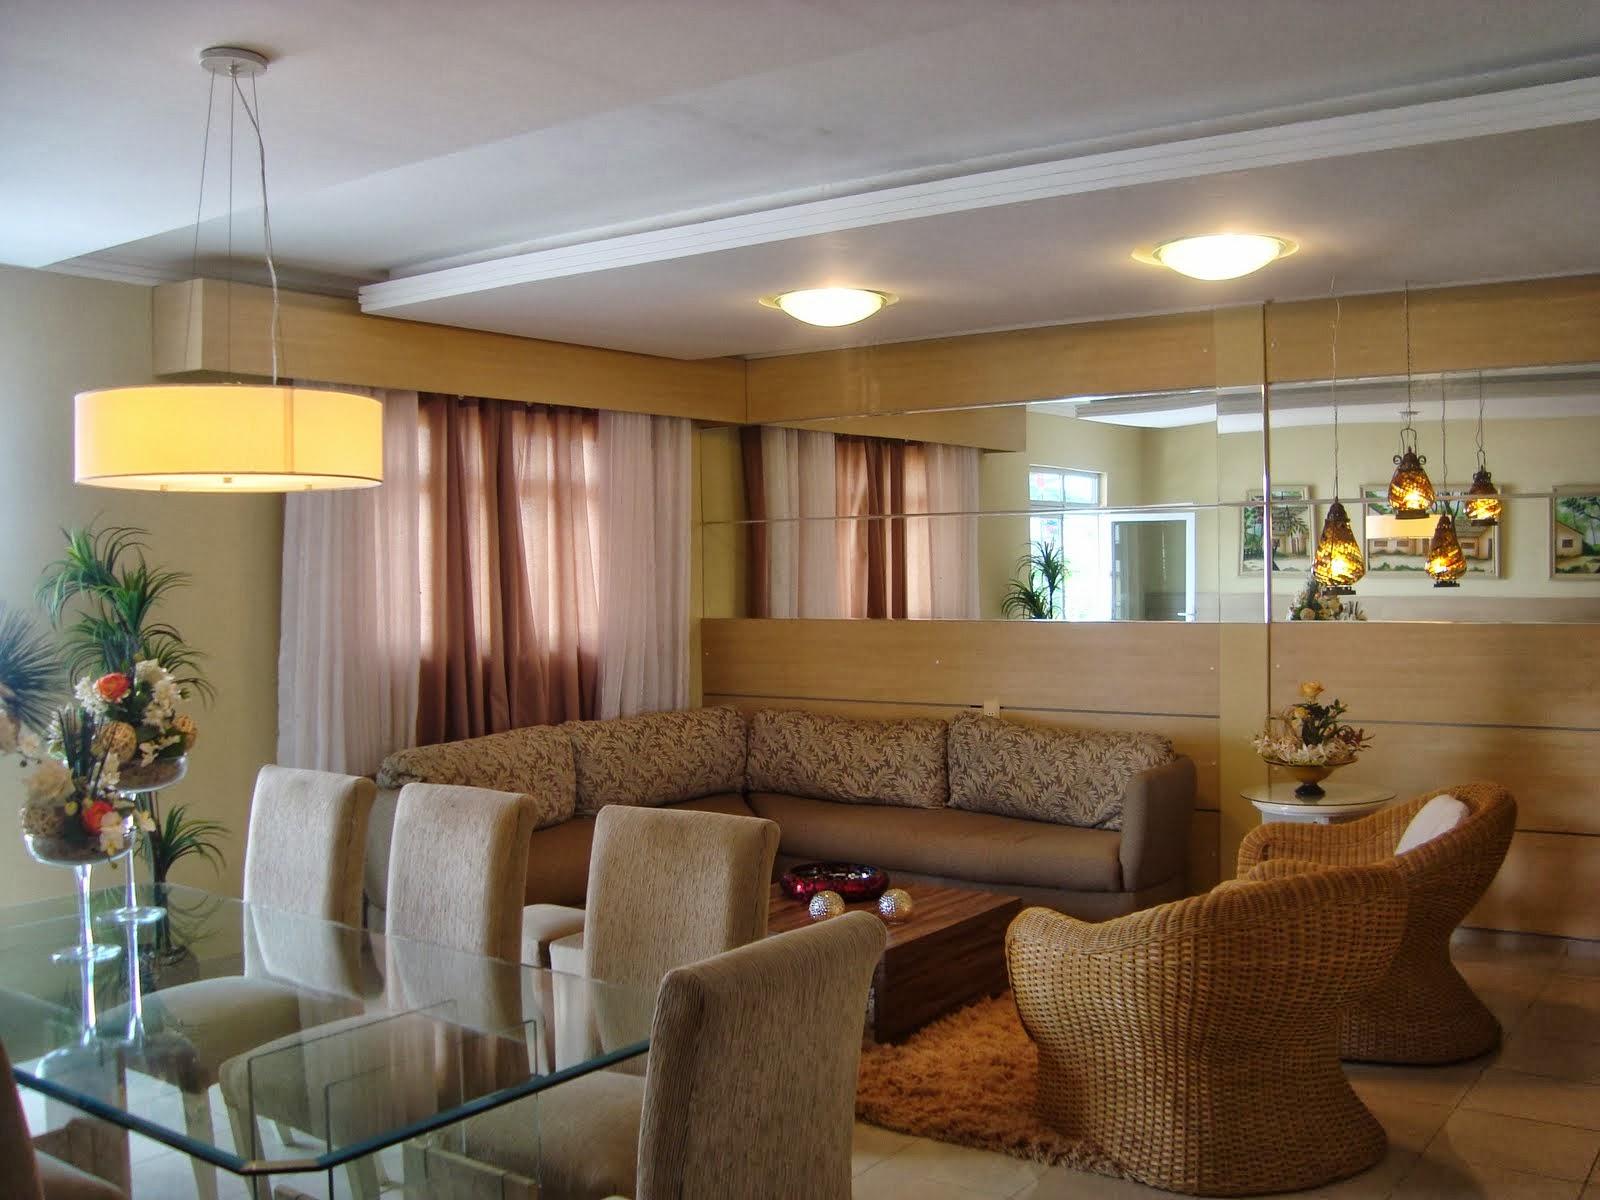 lumin rias de teto para sala de estar